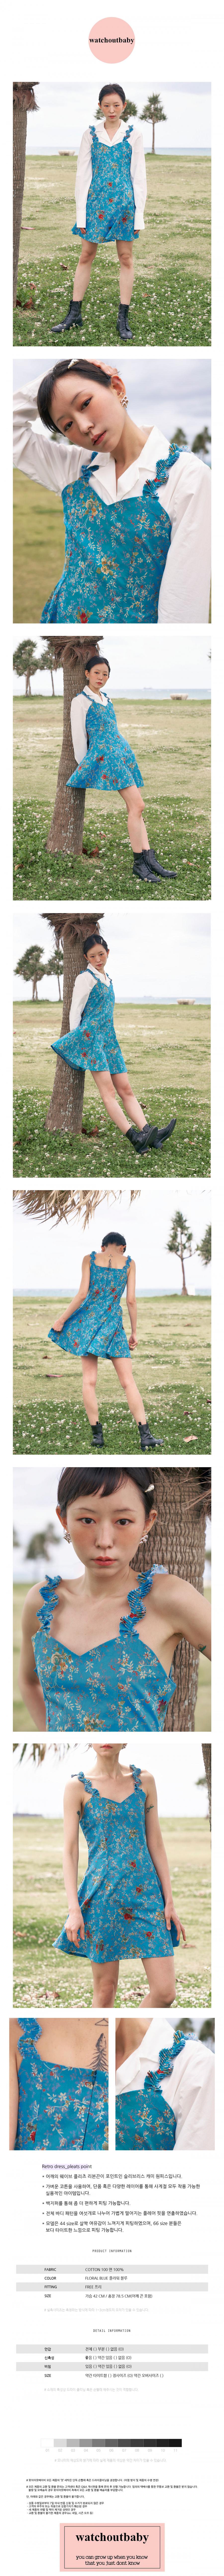 왓치아웃베이비(WATCHOUTBABY) 빈티지 플리츠 레트로 드레스